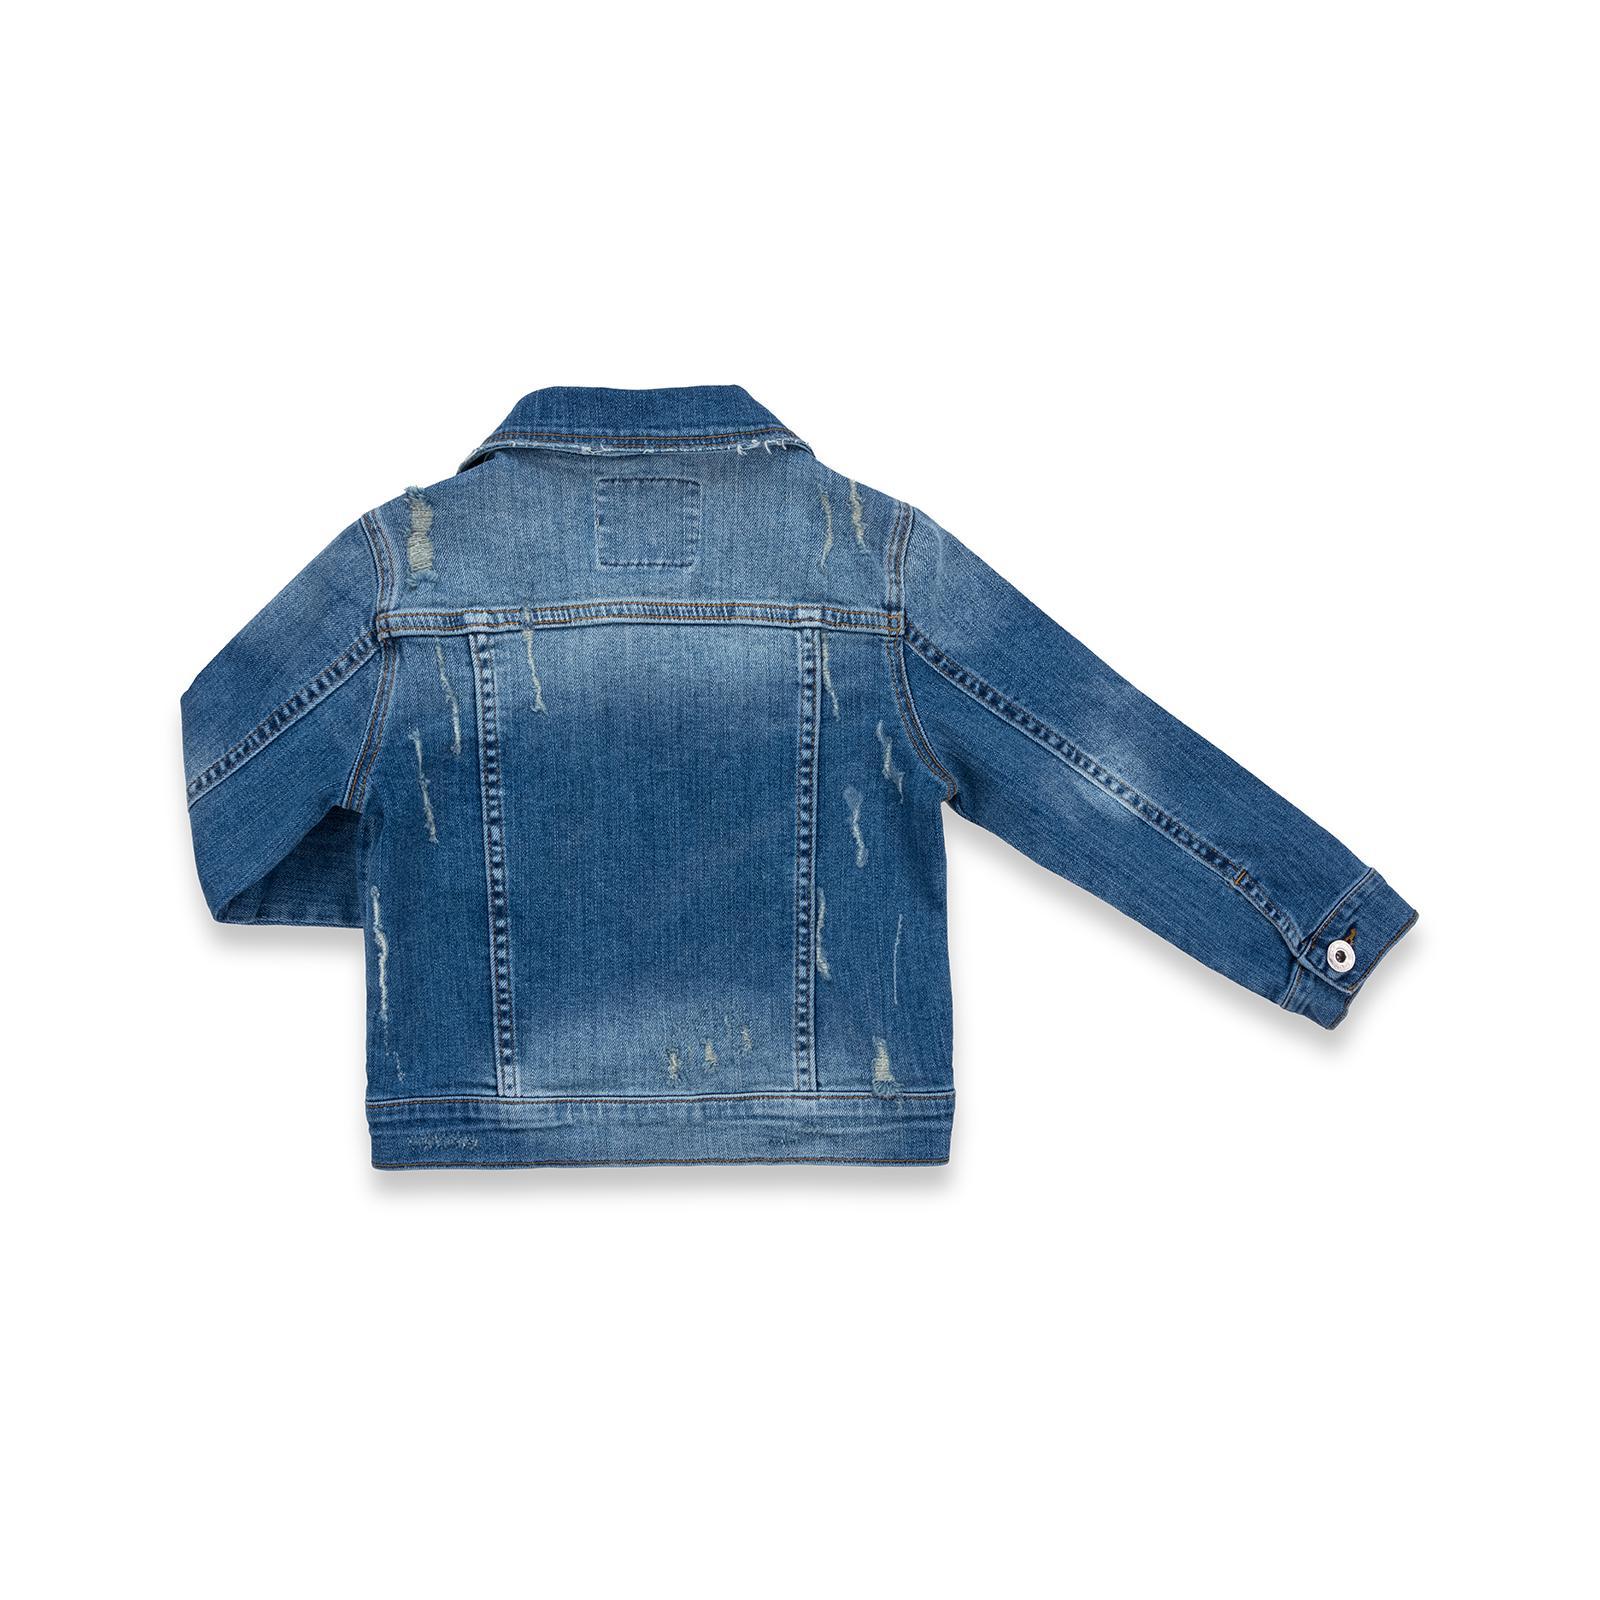 Куртка Breeze джинсовая укороченная (OZ-18801-134G-blue) изображение 2